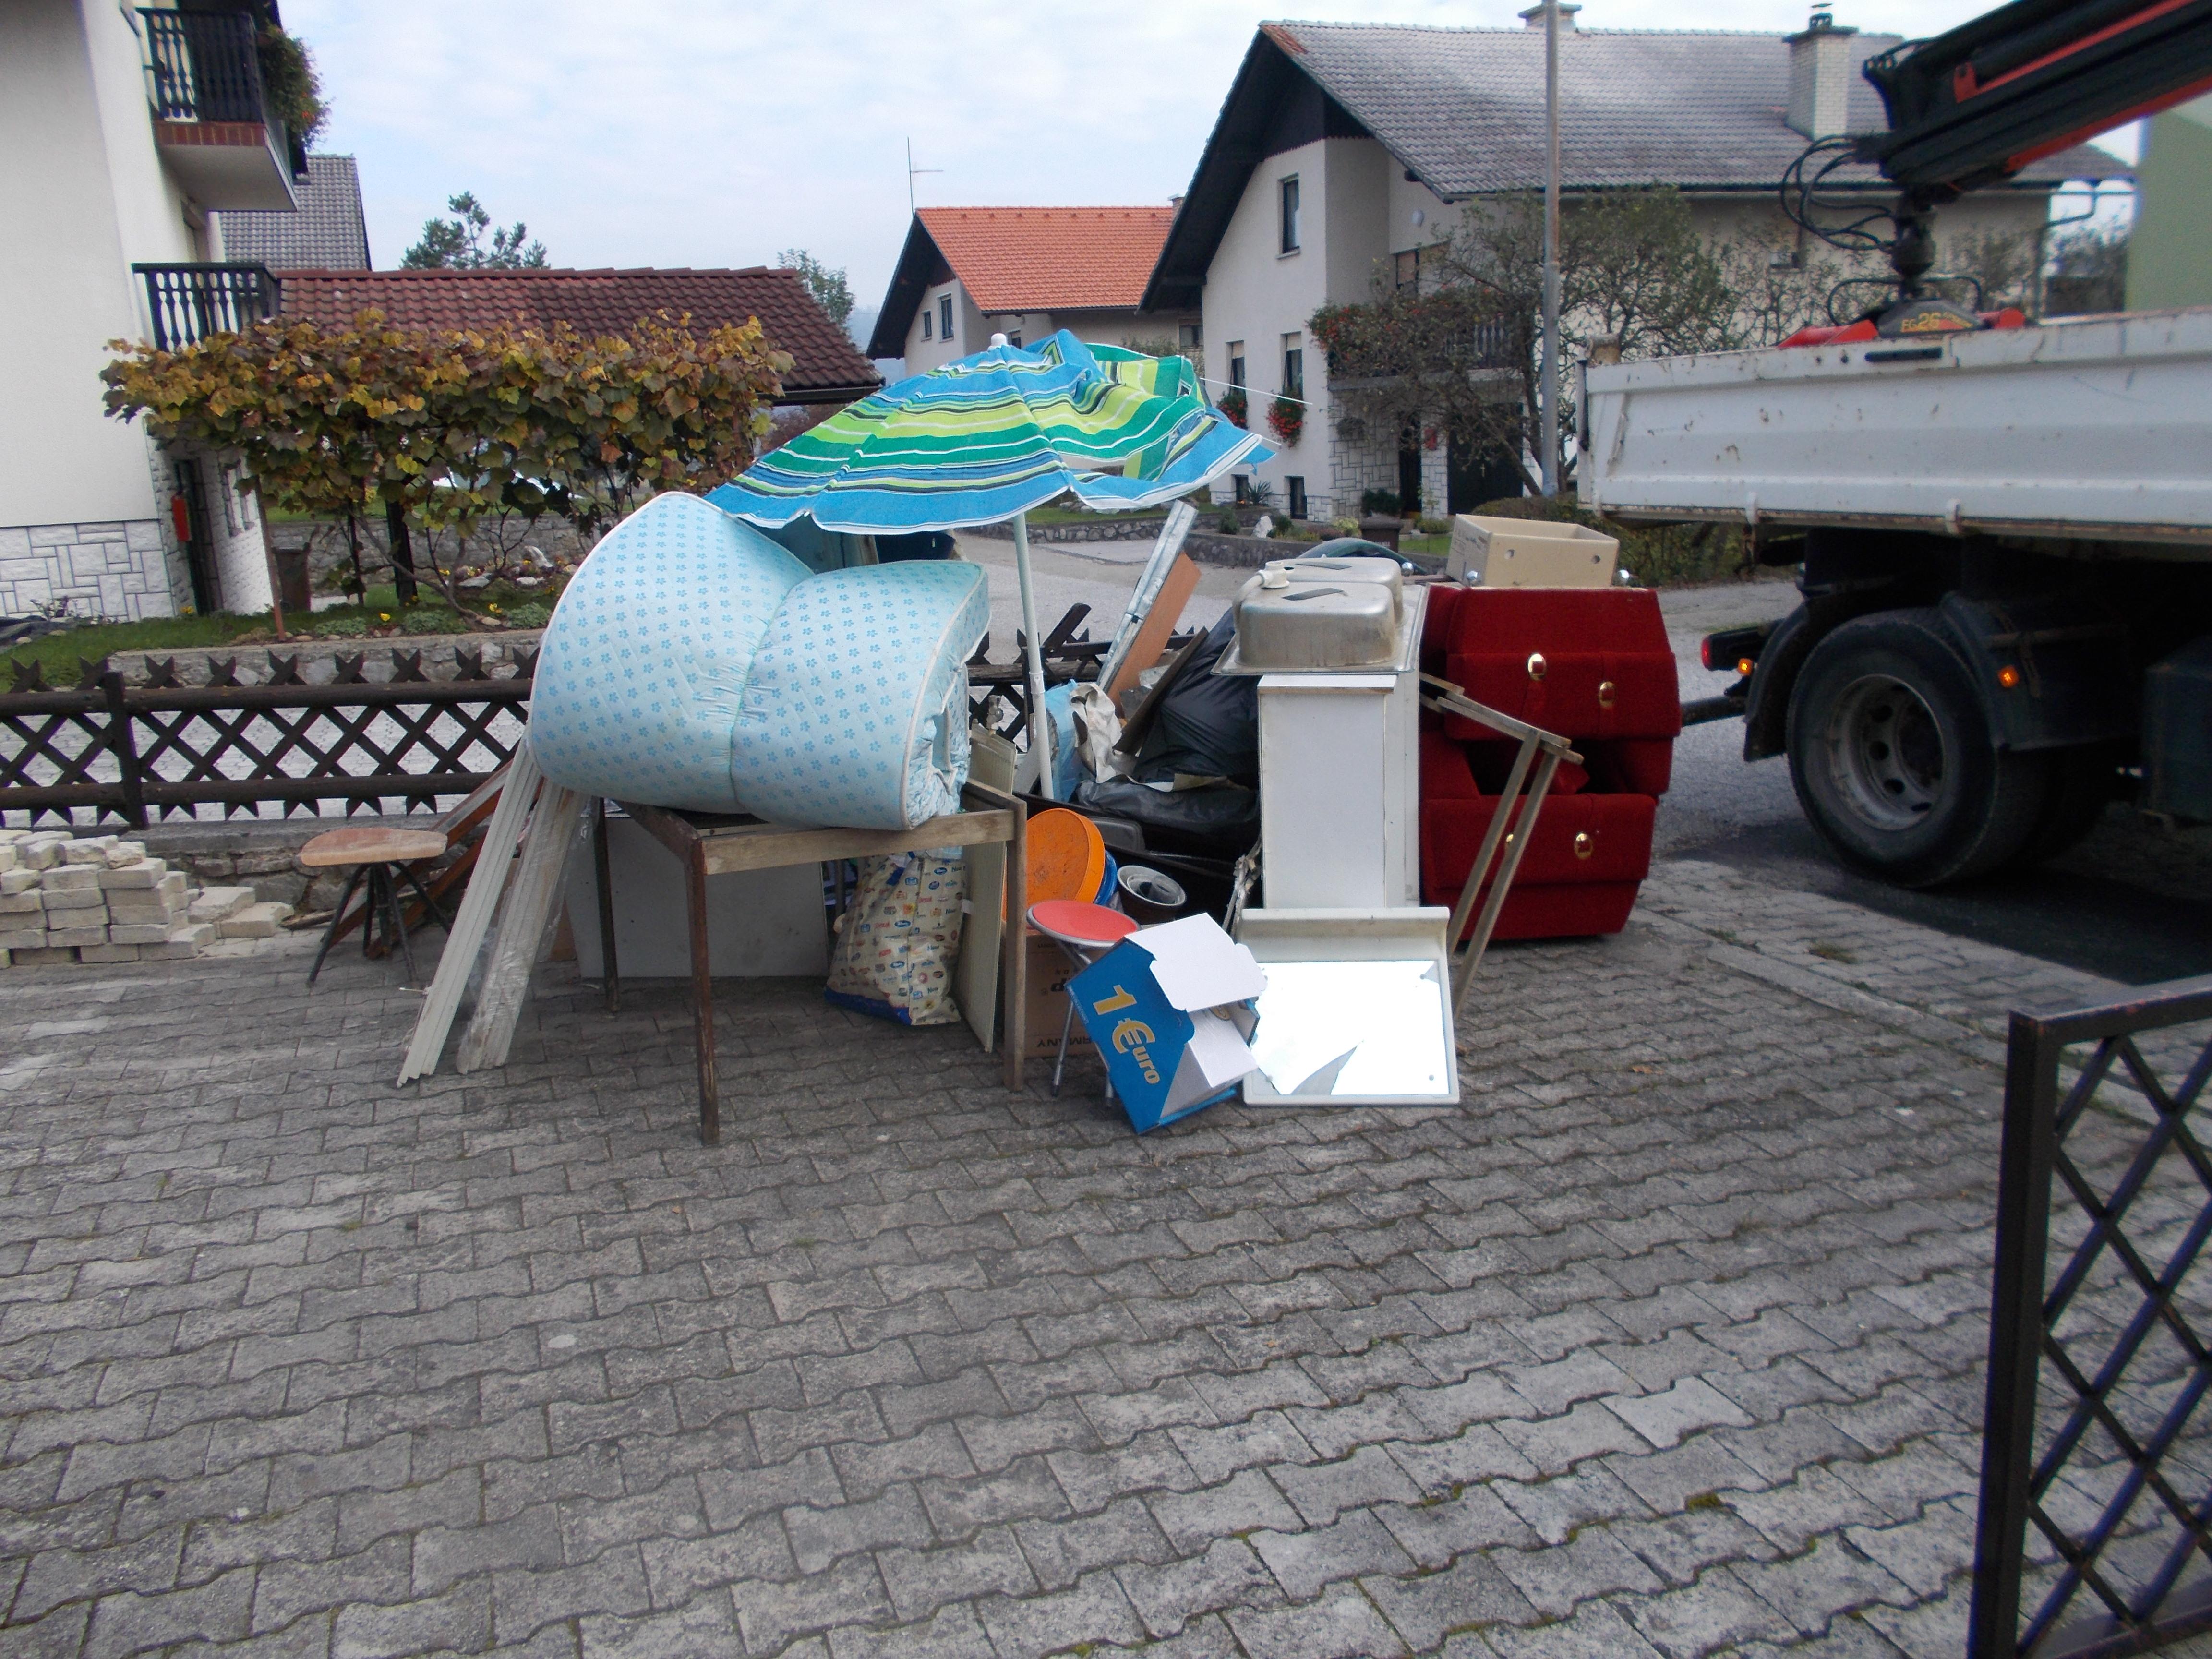 odpadki, pripravljeni za kosovni odvoz